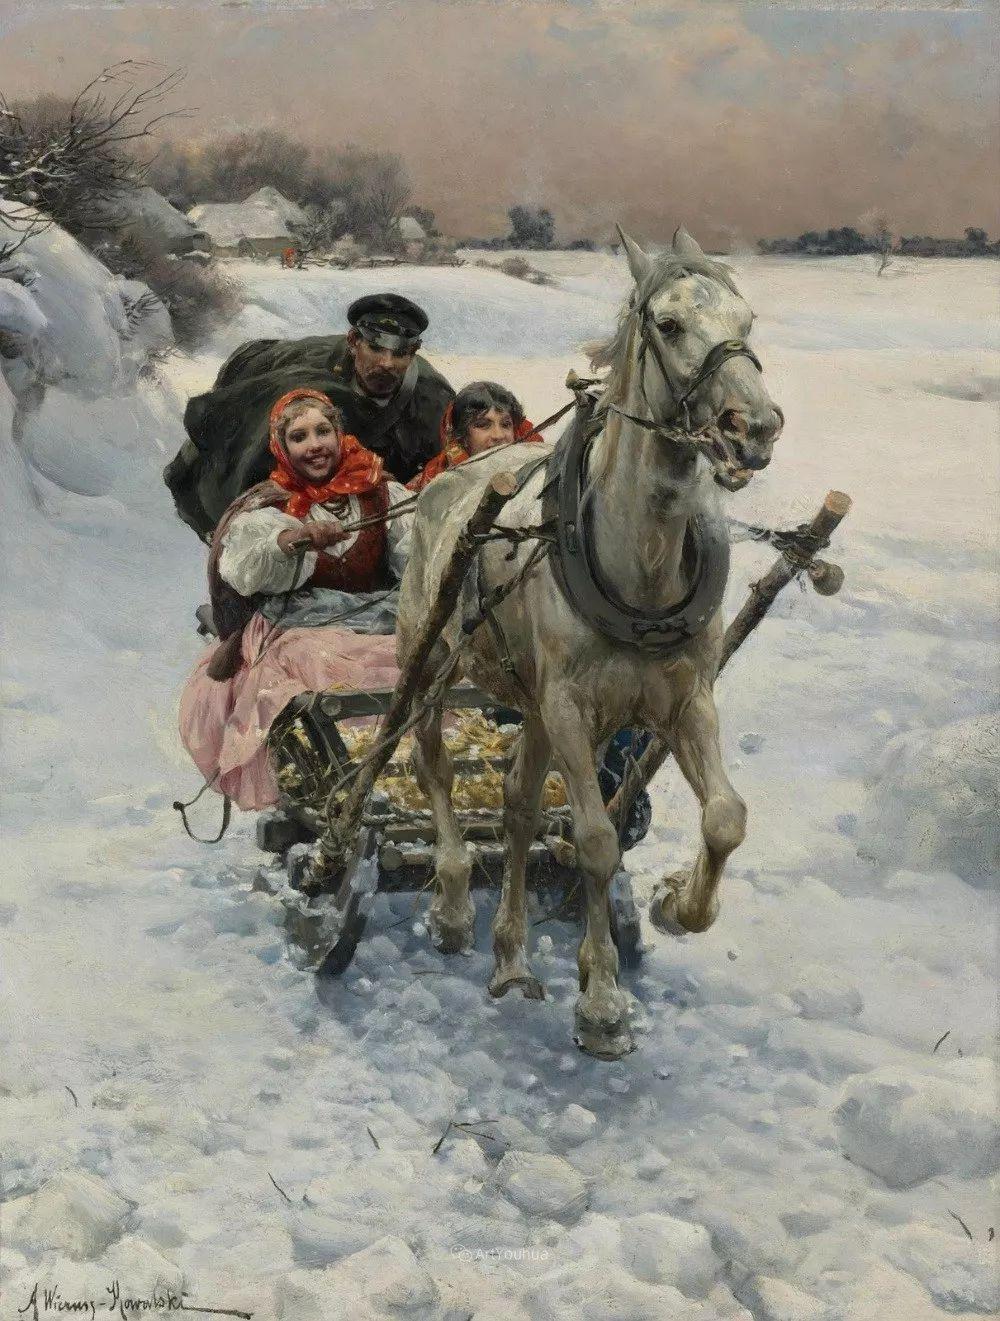 马拉雪橇,波兰艺术家科瓦尔斯基插图22